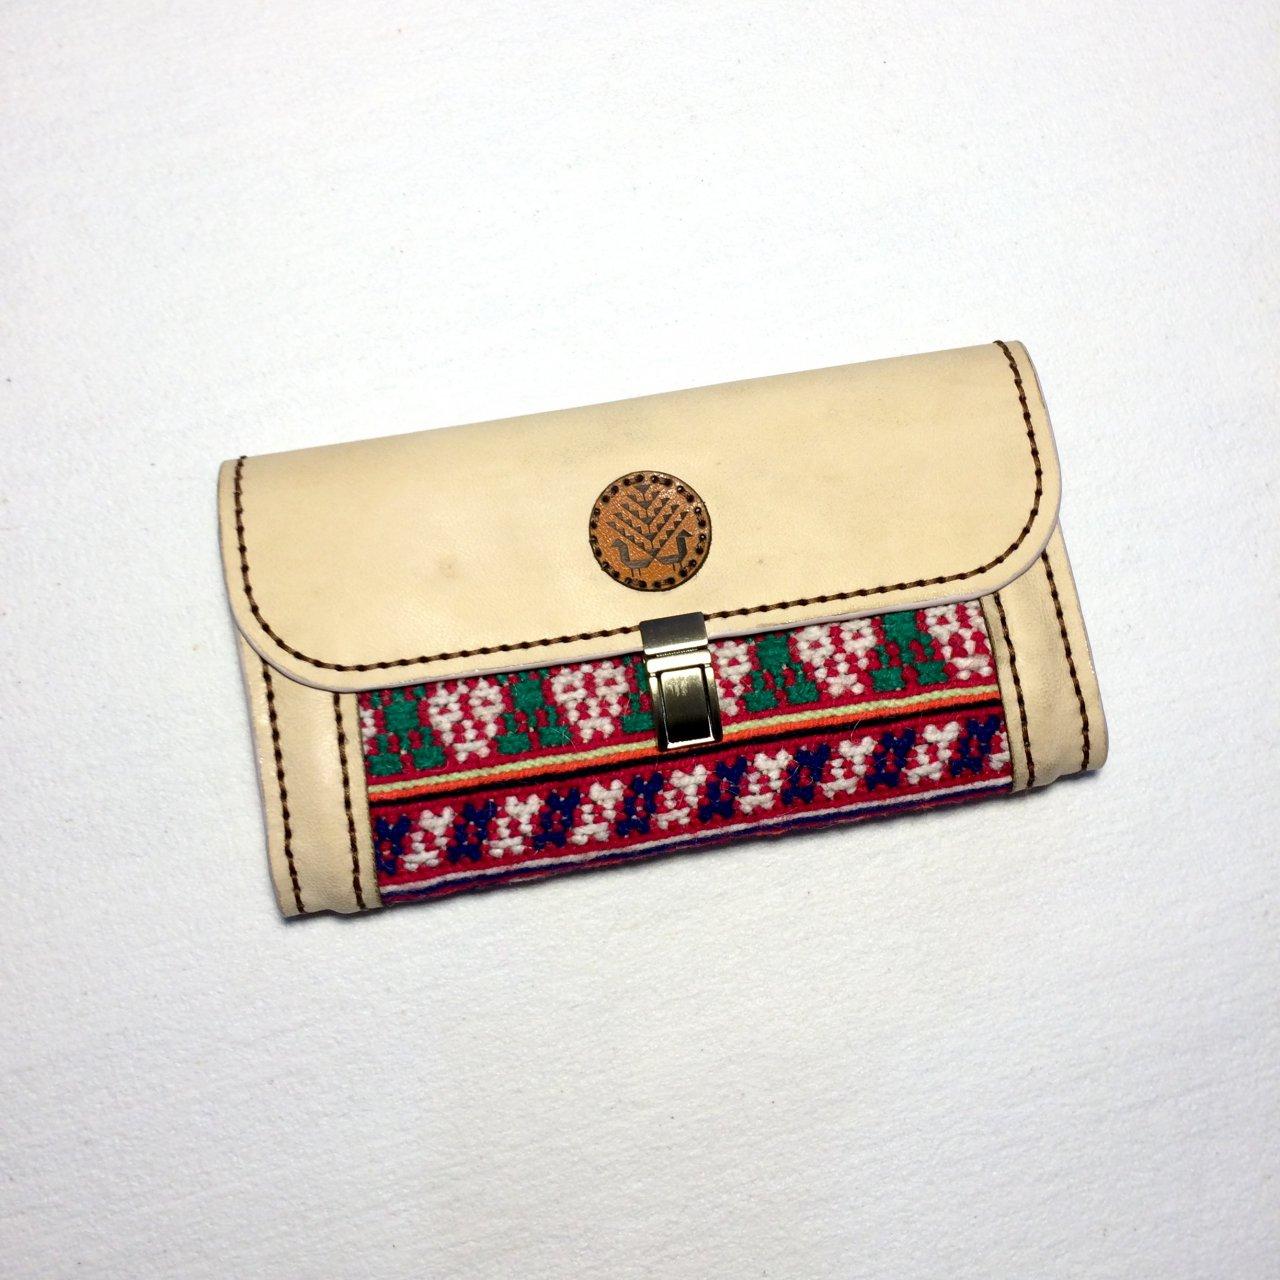 کیف پول زنانه با کد FW001/1